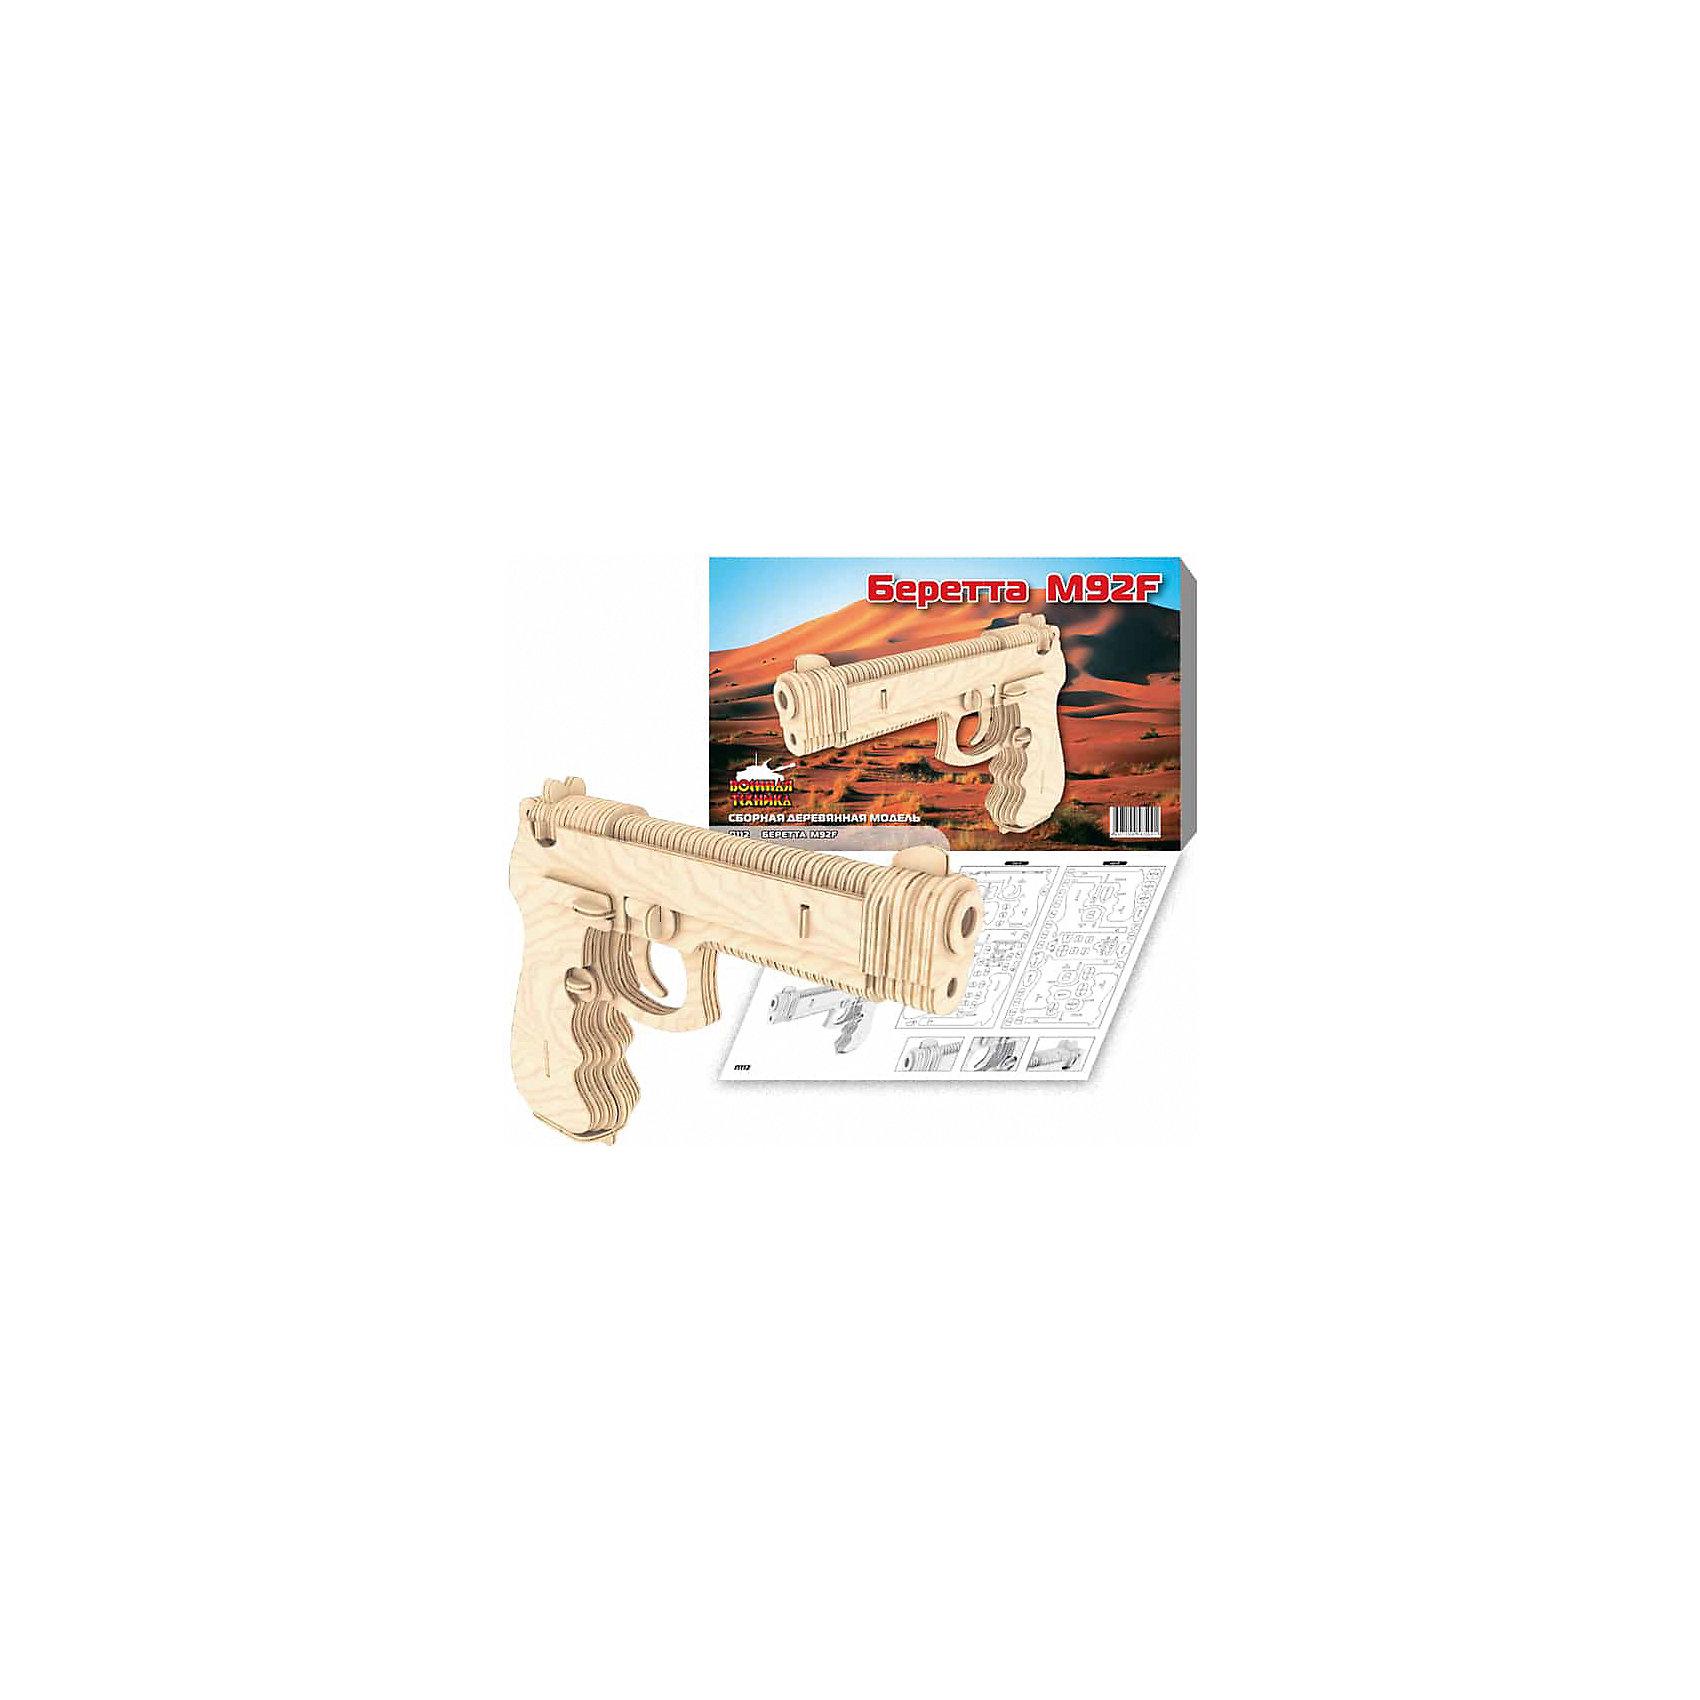 МДИ Беретта М92F, Мир деревянных игрушек игрушка мир деревянных игрушек лабиринт слон д345